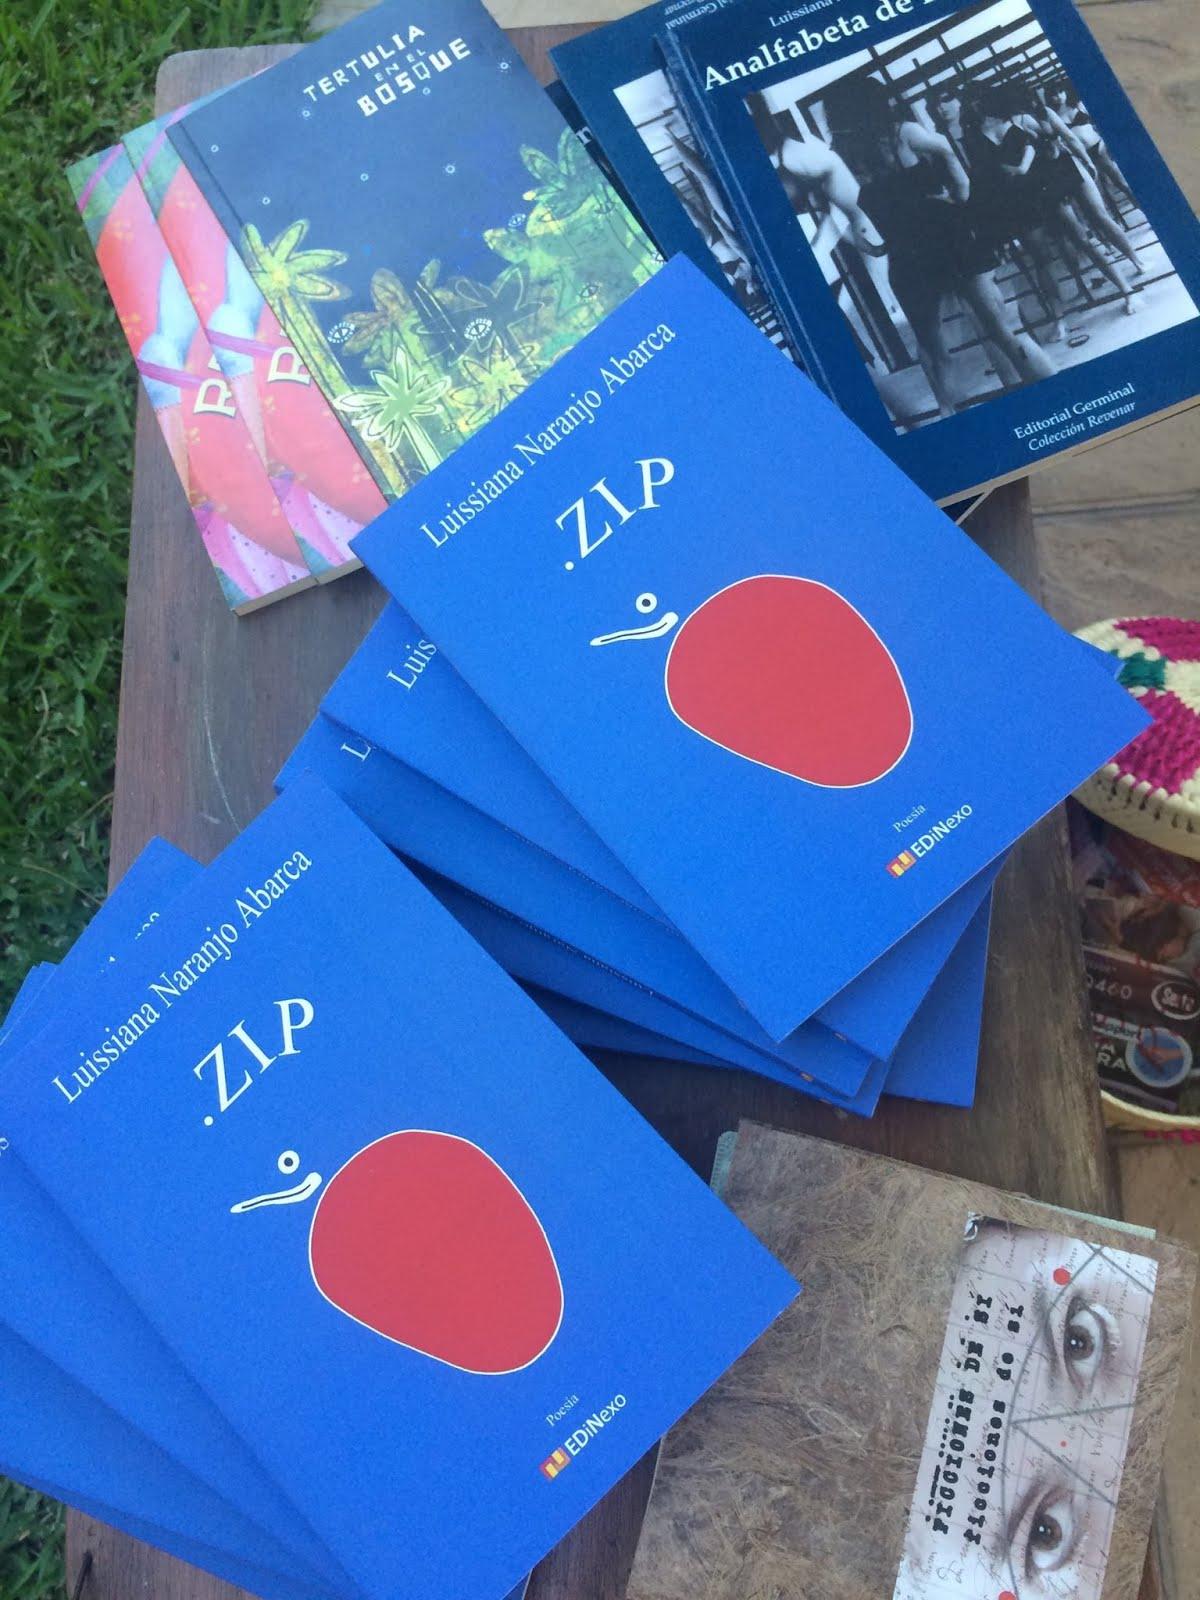 Nuevo libro .Zip